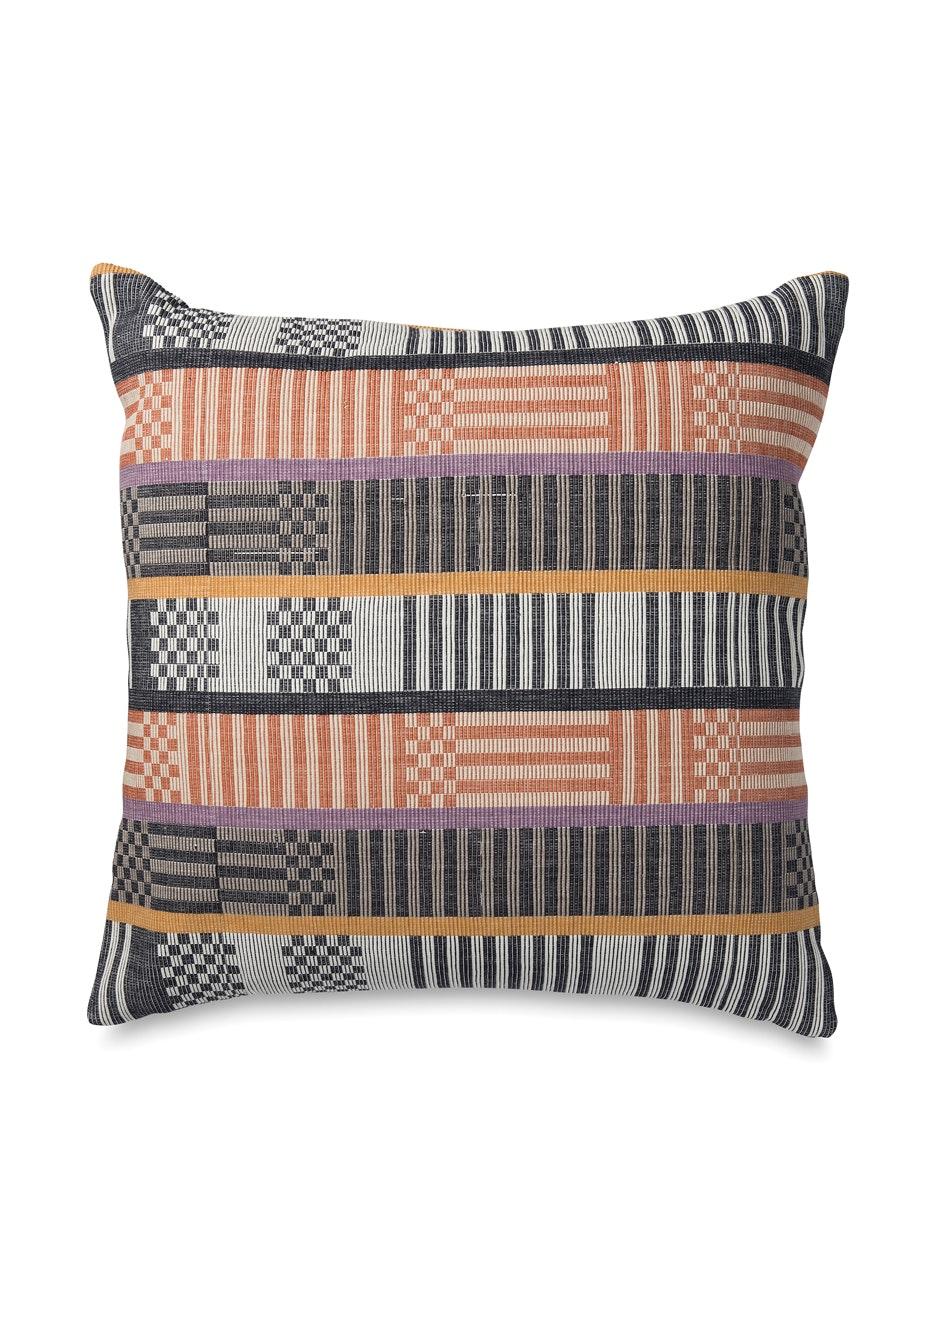 Città - Masiri Woven Cushion Cover